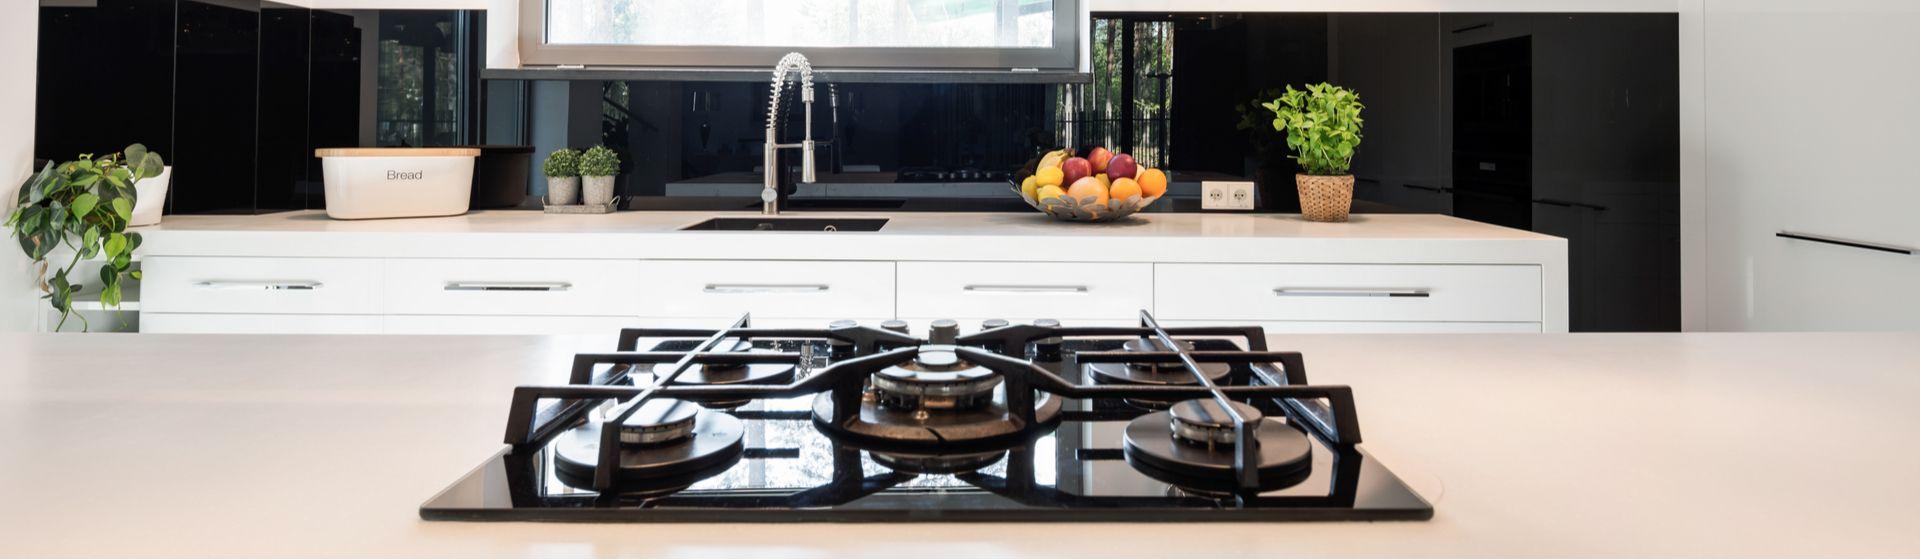 Melhor cooktop 4 bocas 2021: confira os melhores do momento